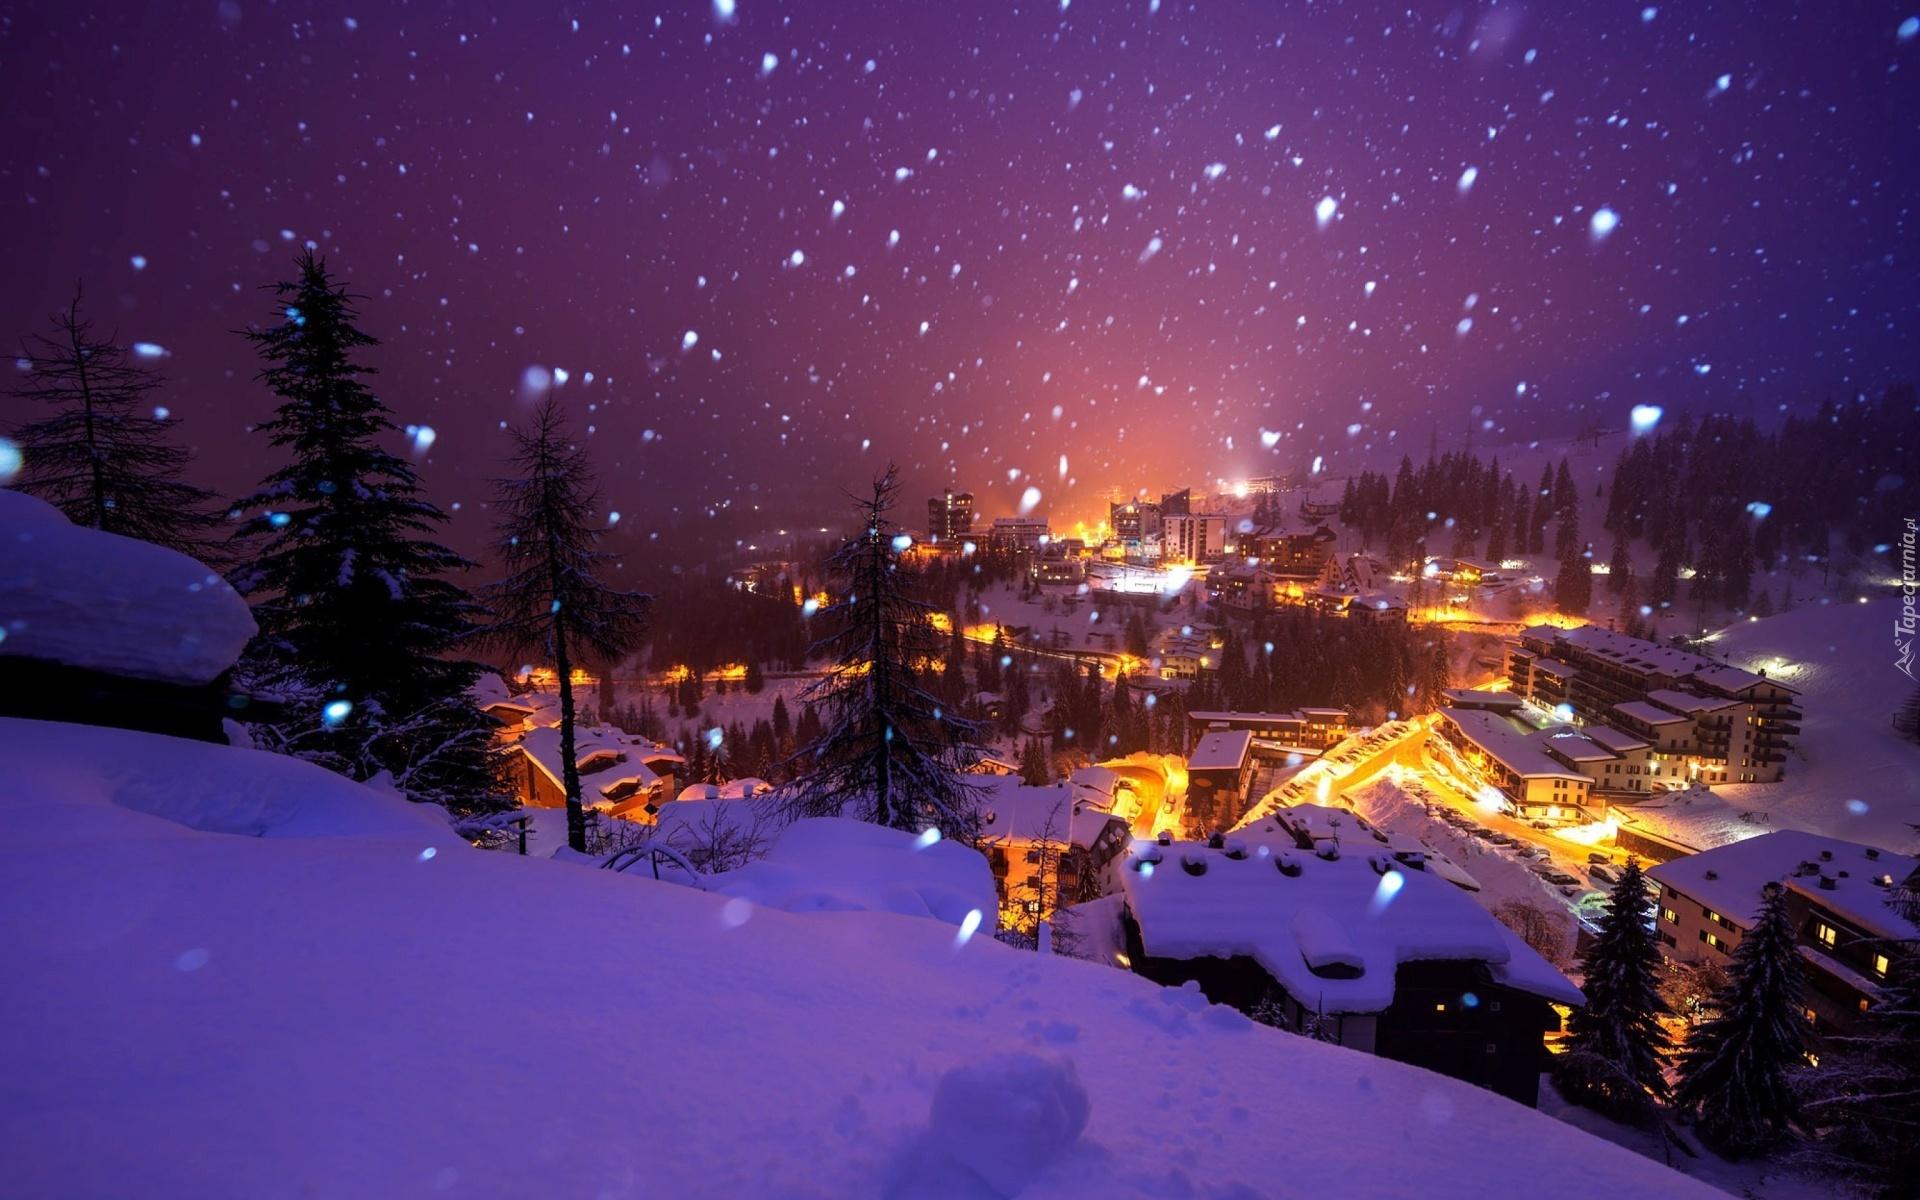 Zima nieg noc miasto for Sfondi gratis desktop inverno